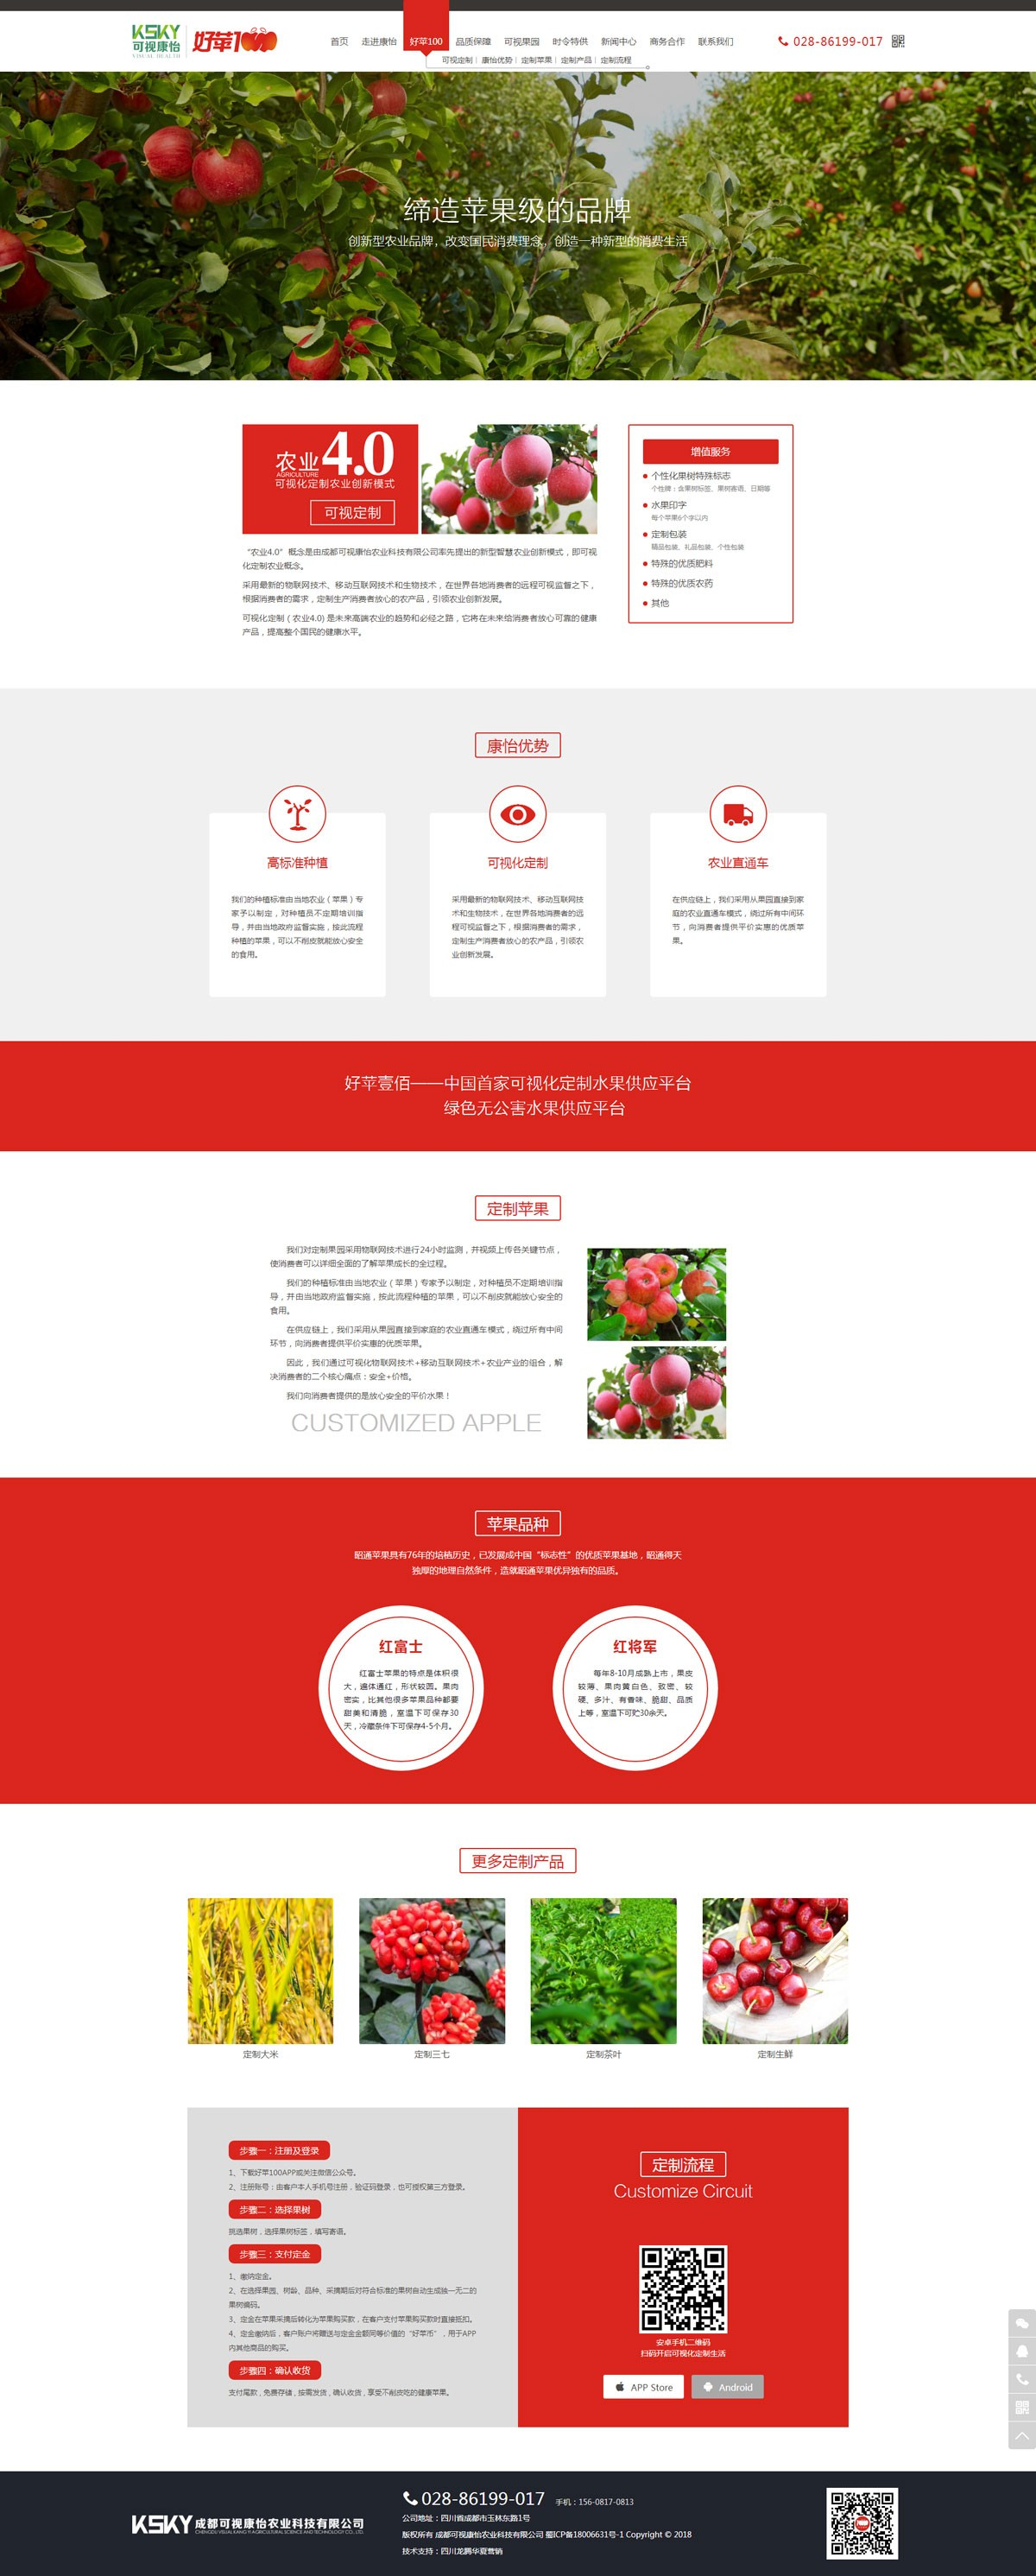 可视康怡农业科技公司官网设计|成都可视康怡农业科技有限公司网站建设|农业公司品牌形象微官网开发